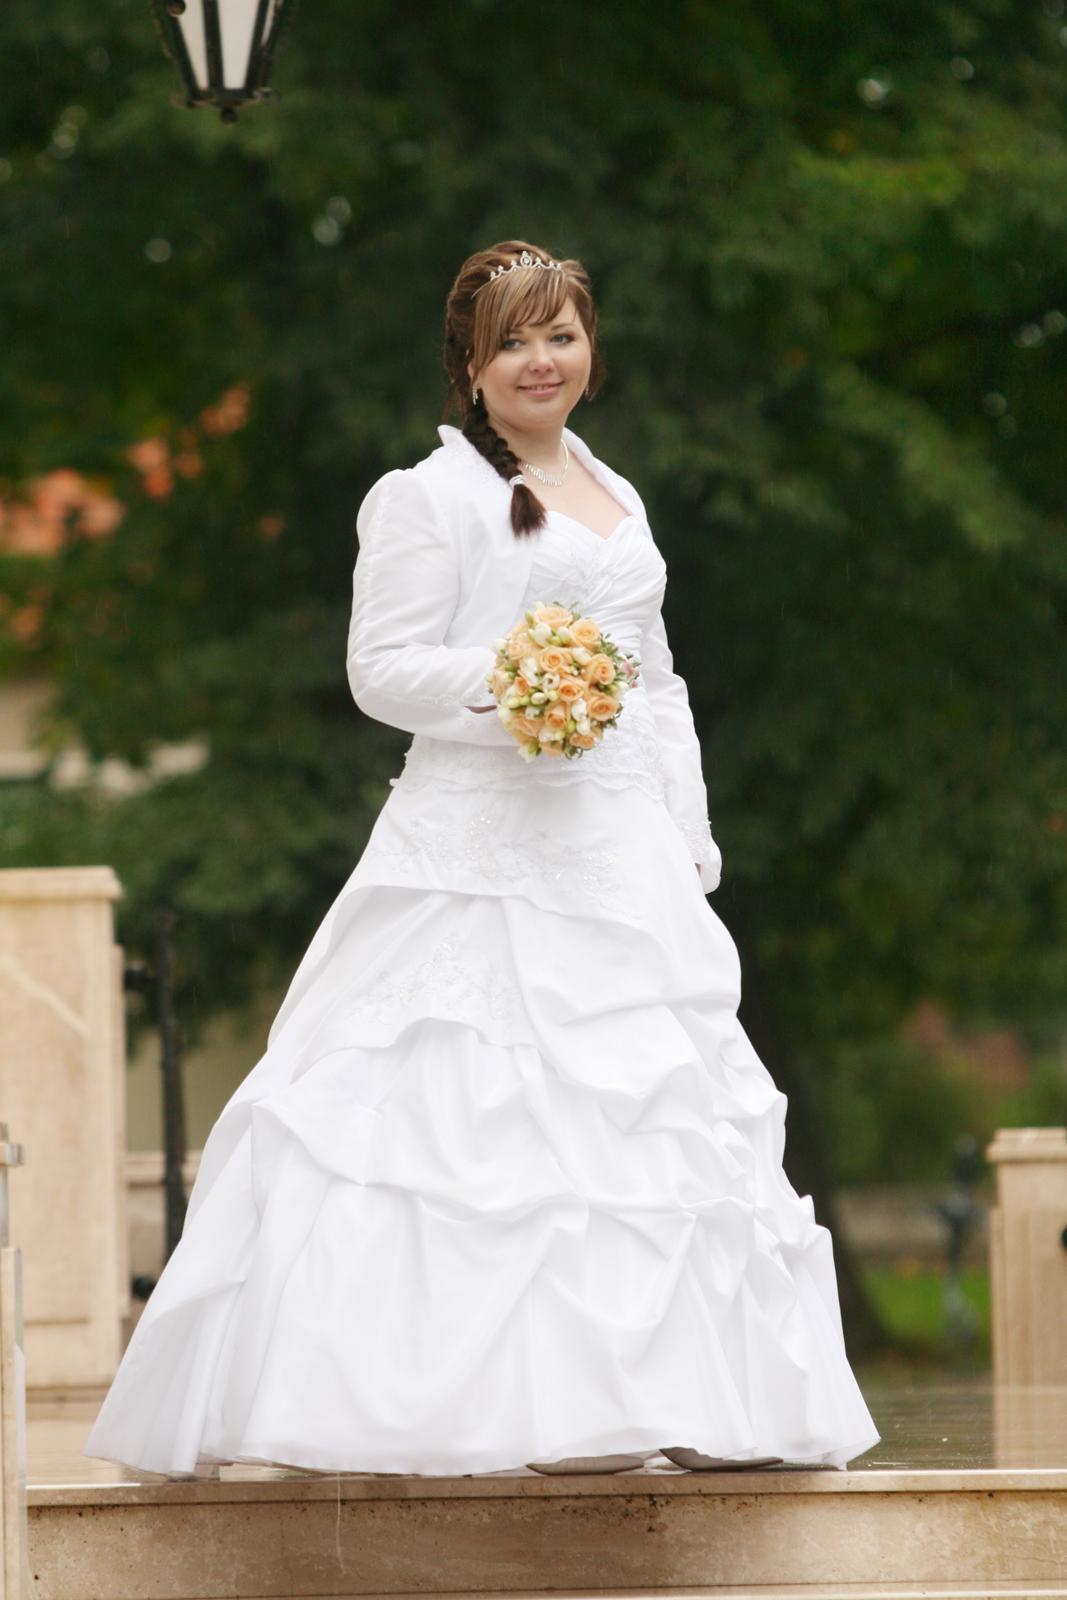 6. jan 2013 o 14 04 • Svadba bola v októbri 2009 • Odpovedz • Páči sa mi to  • 4bdc7a1917